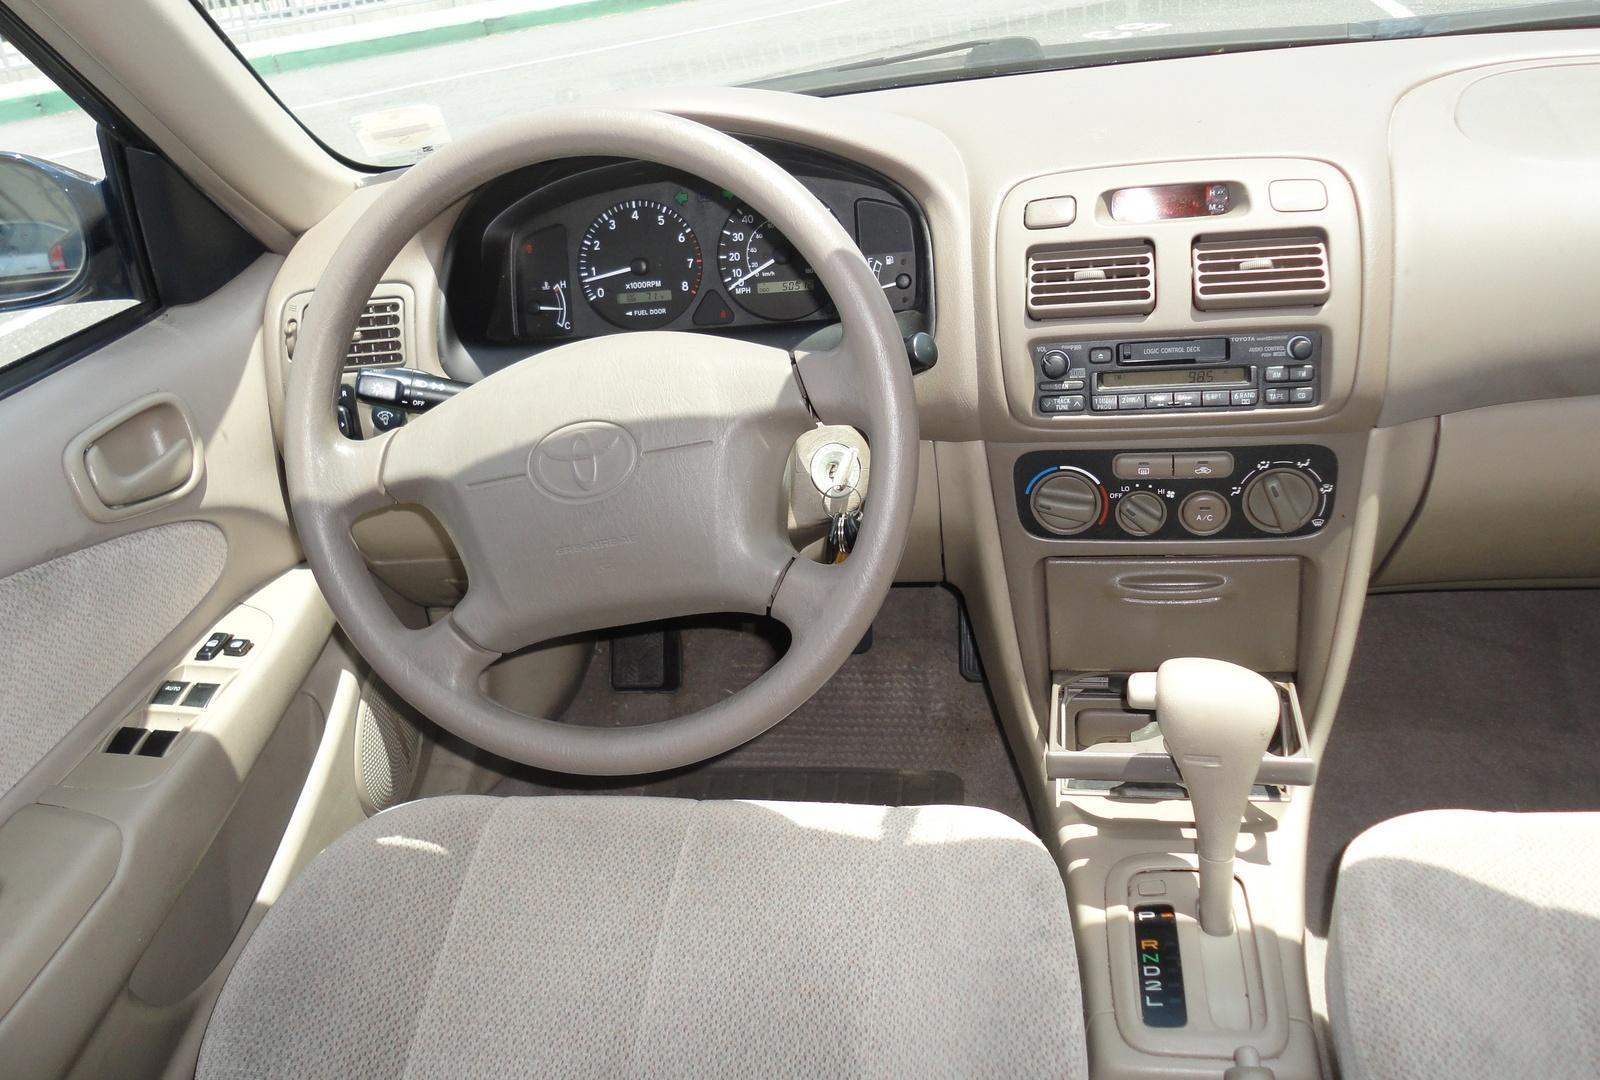 2002 Toyota Corolla Interior Pictures Cargurus